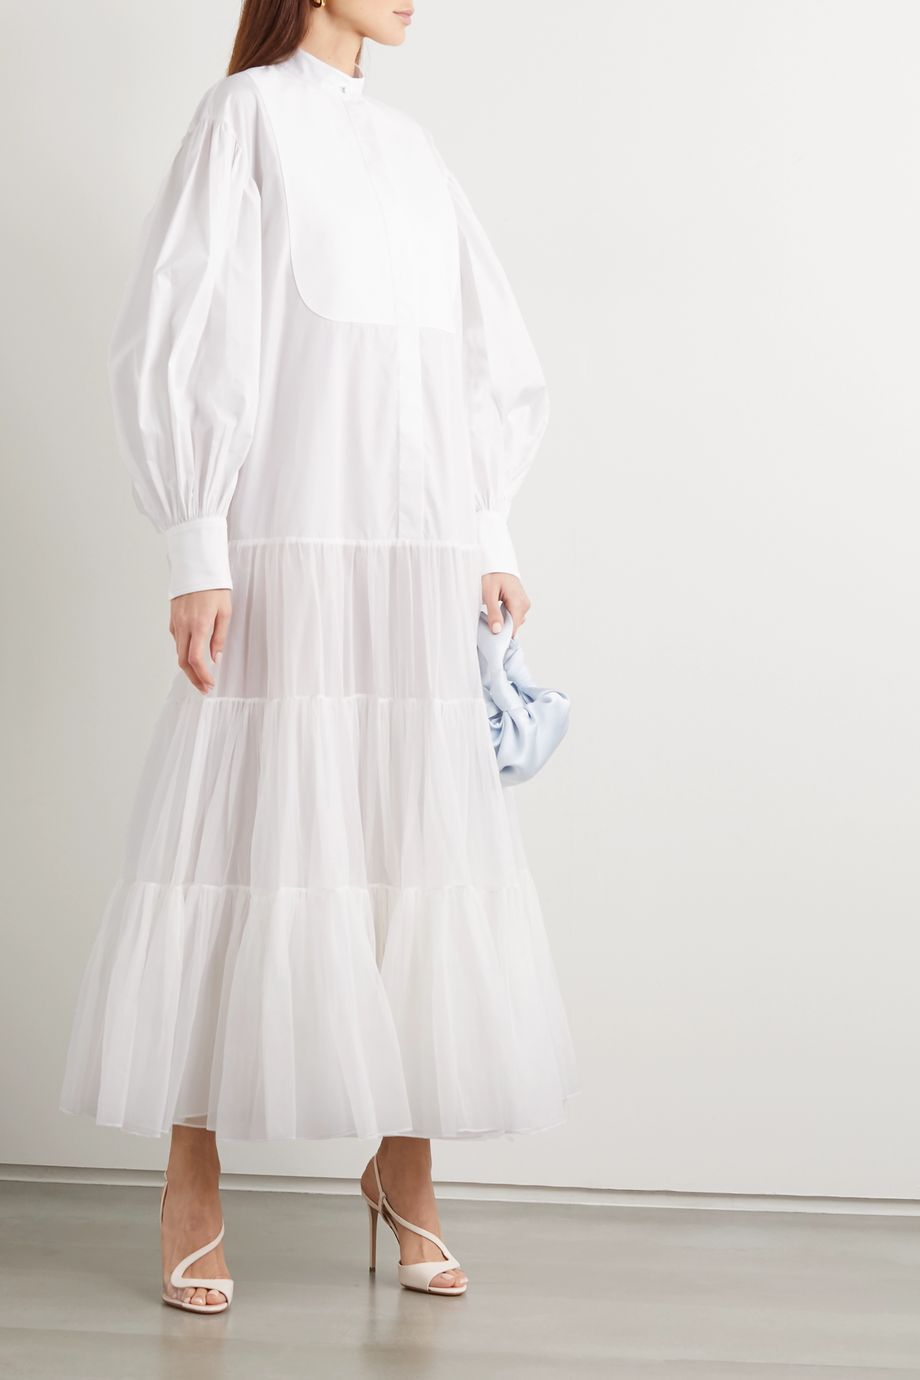 Valentino Hemdblusenkleid aus Baumwollpopeline, Piqué und Seidenorganza